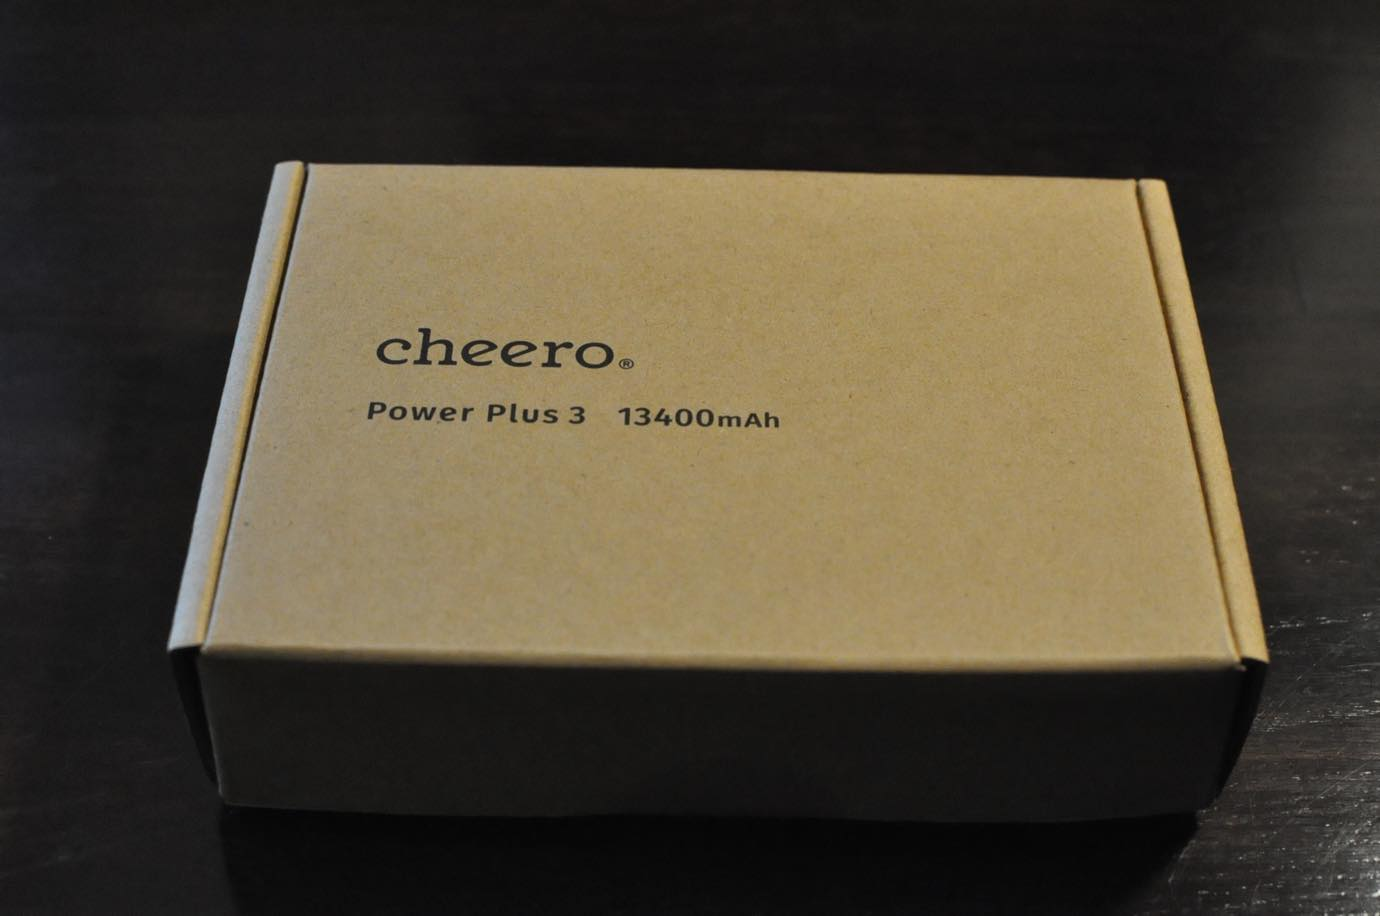 Cheero Power Plus 3 10 20150806 215454